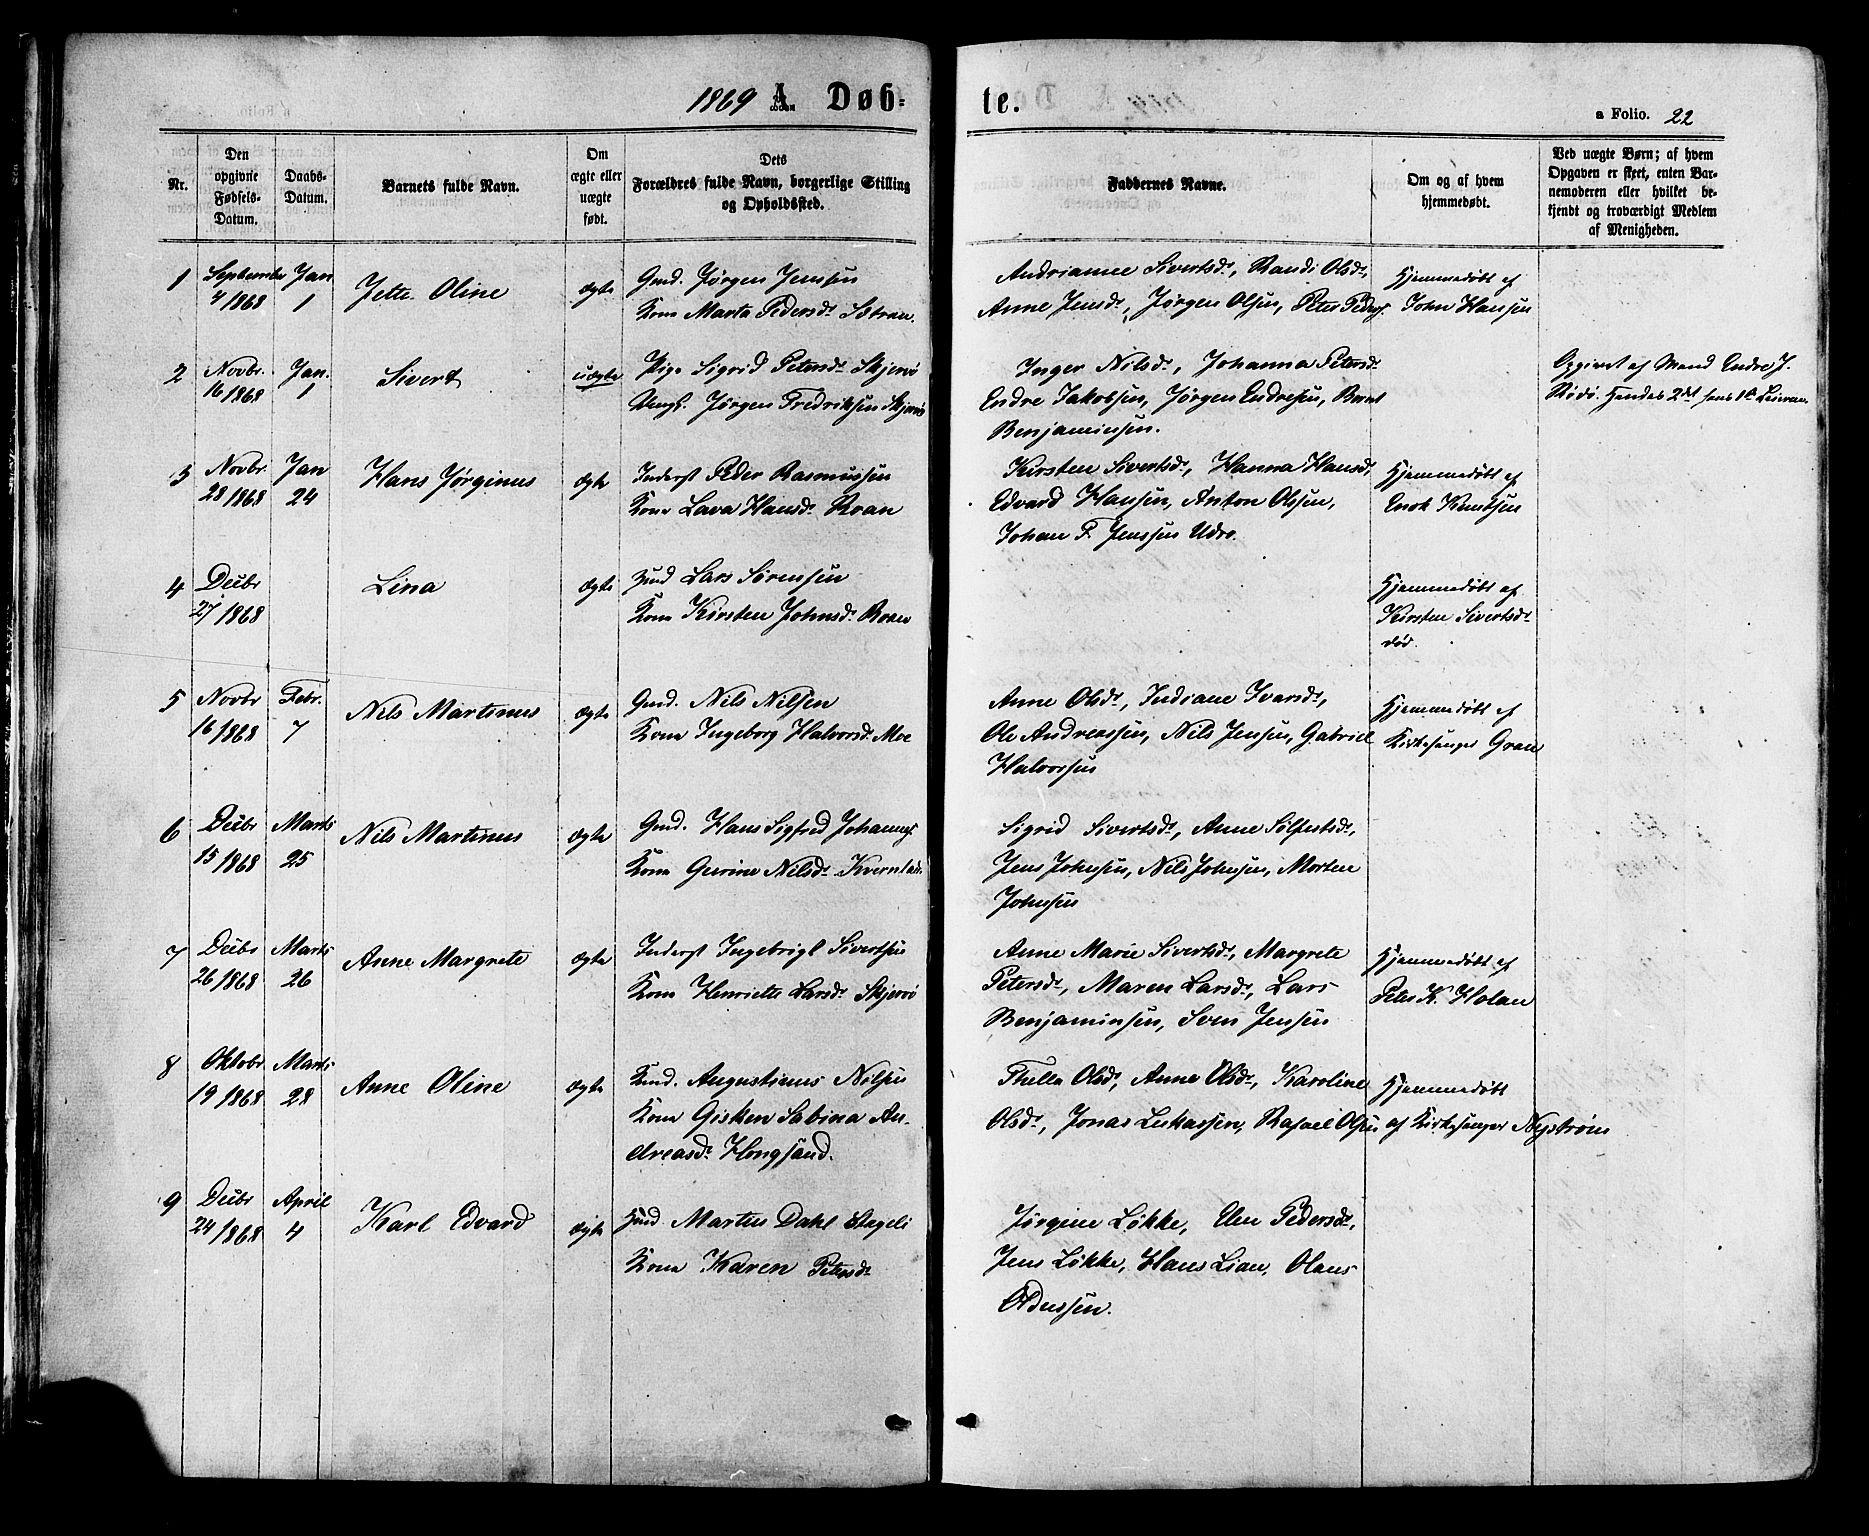 SAT, Ministerialprotokoller, klokkerbøker og fødselsregistre - Sør-Trøndelag, 657/L0706: Ministerialbok nr. 657A07, 1867-1878, s. 22